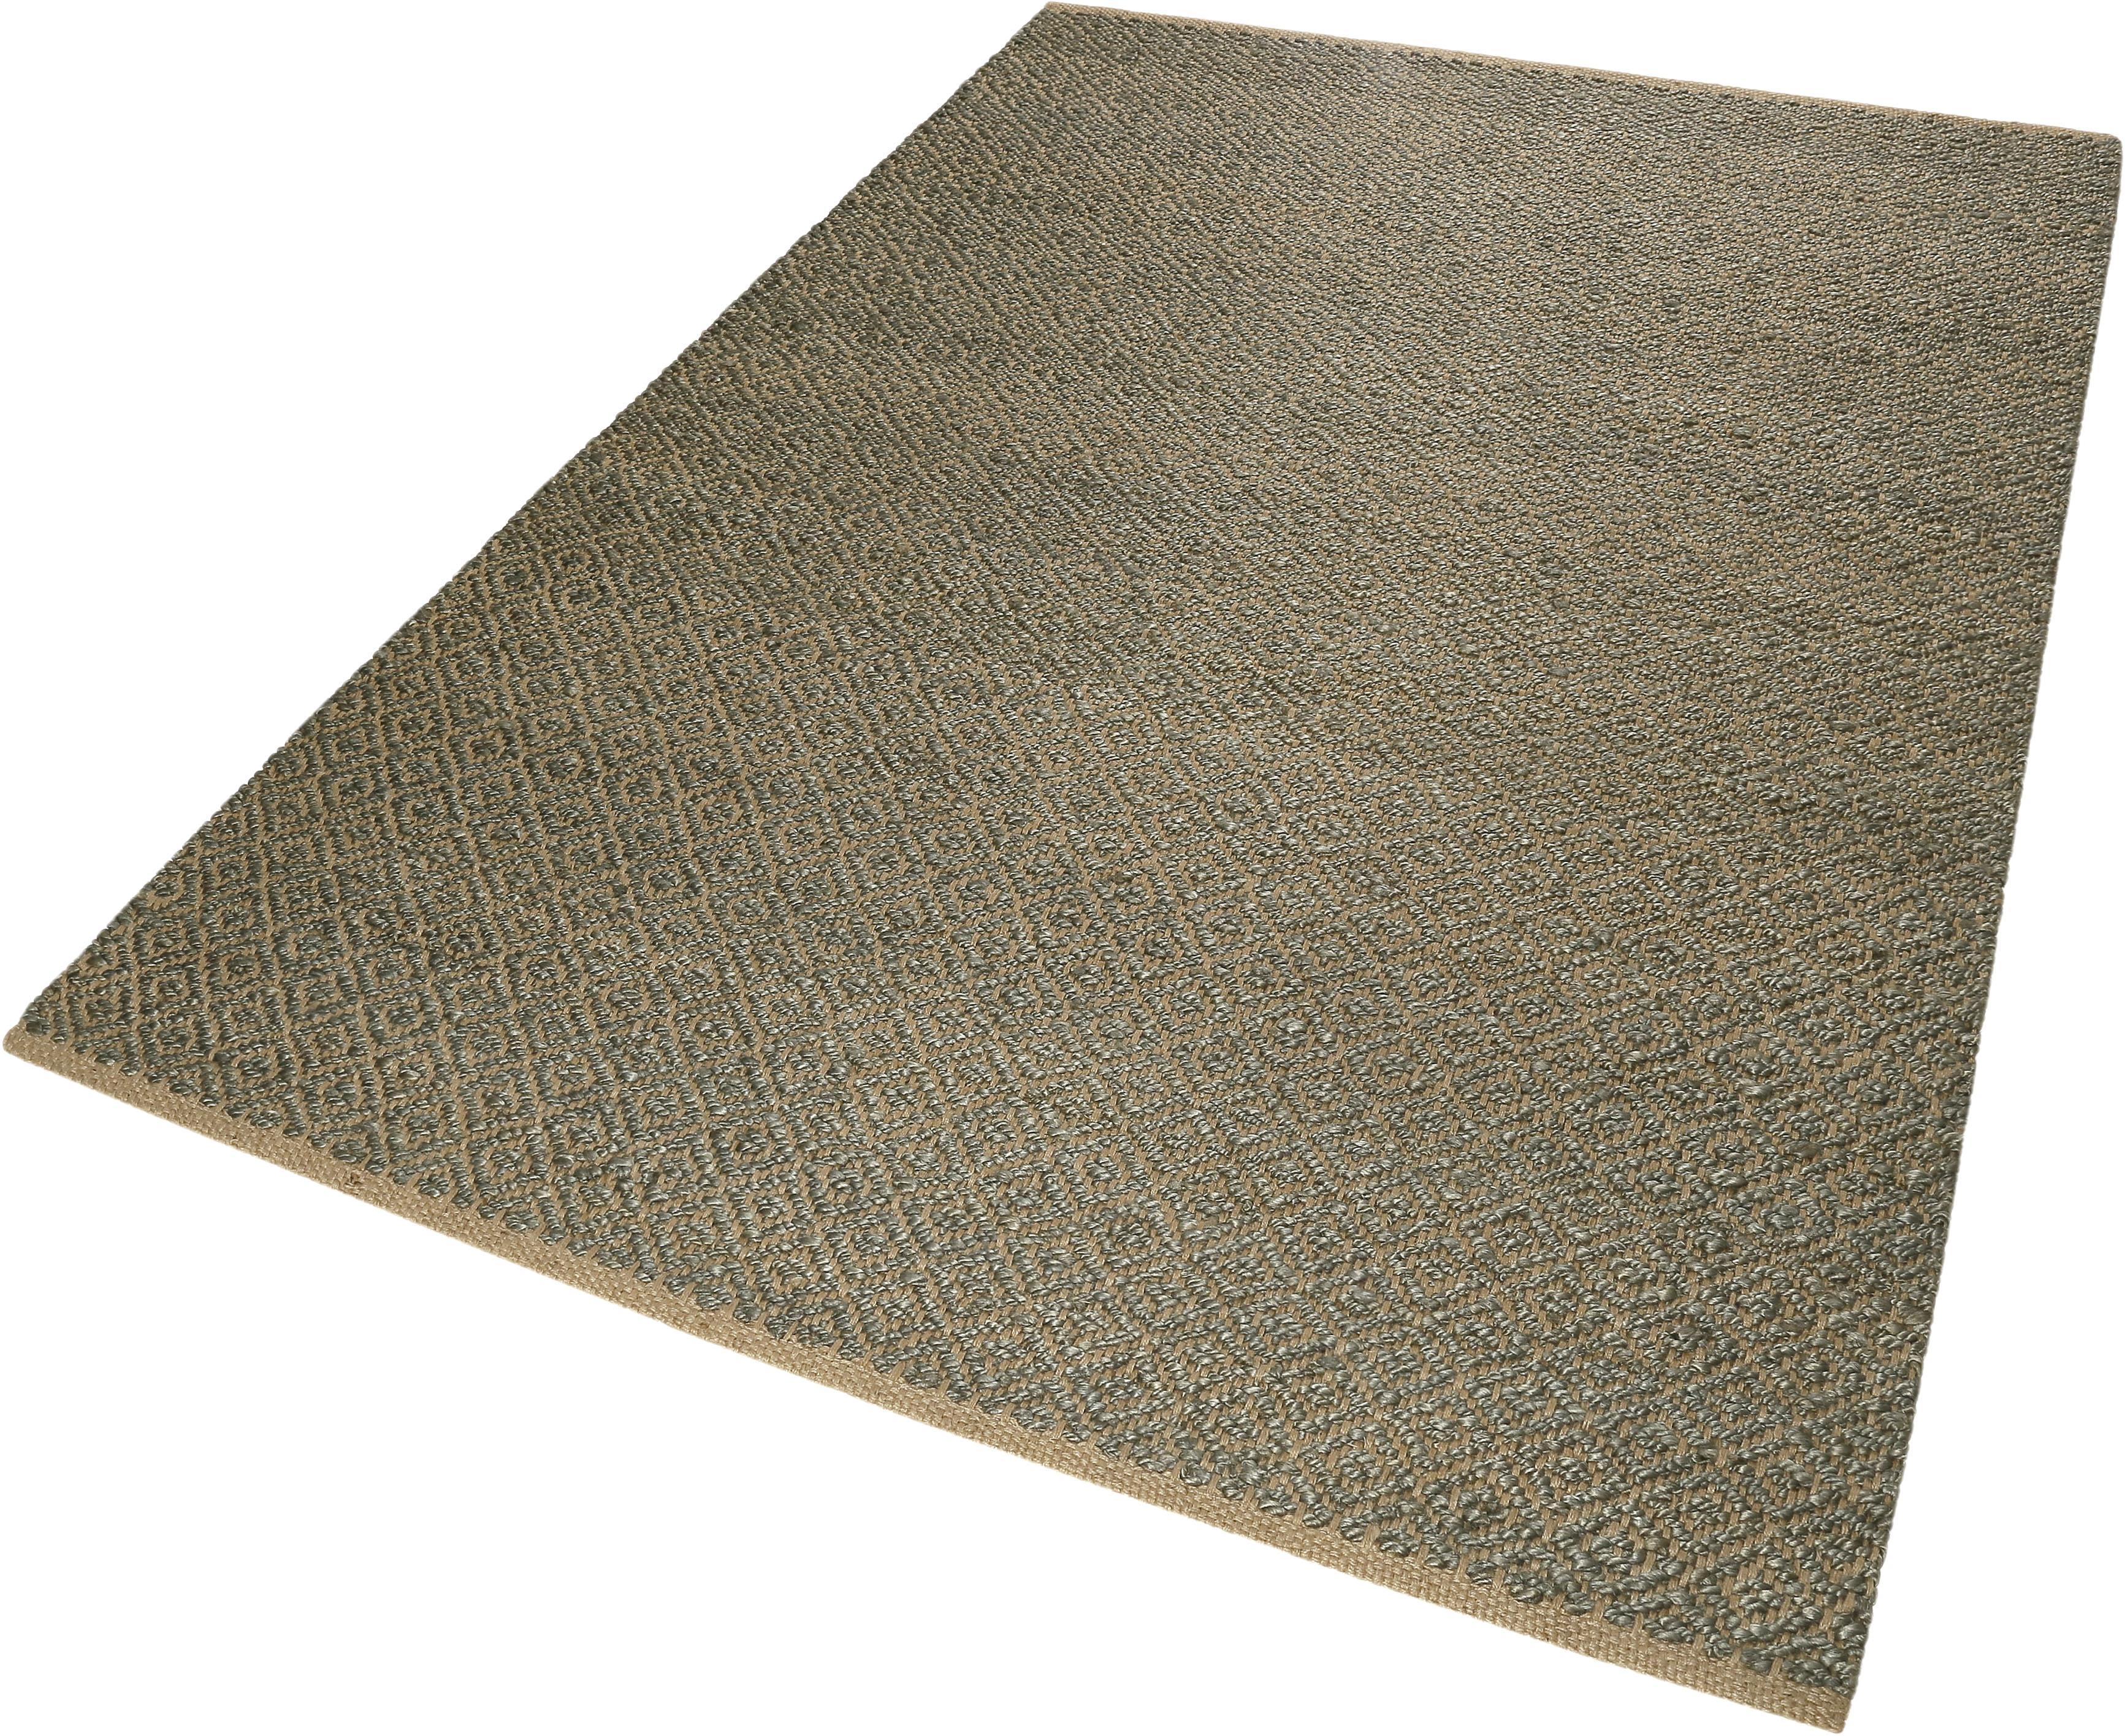 Teppich Denim Nature Esprit rechteckig Höhe 7 mm handgewebt